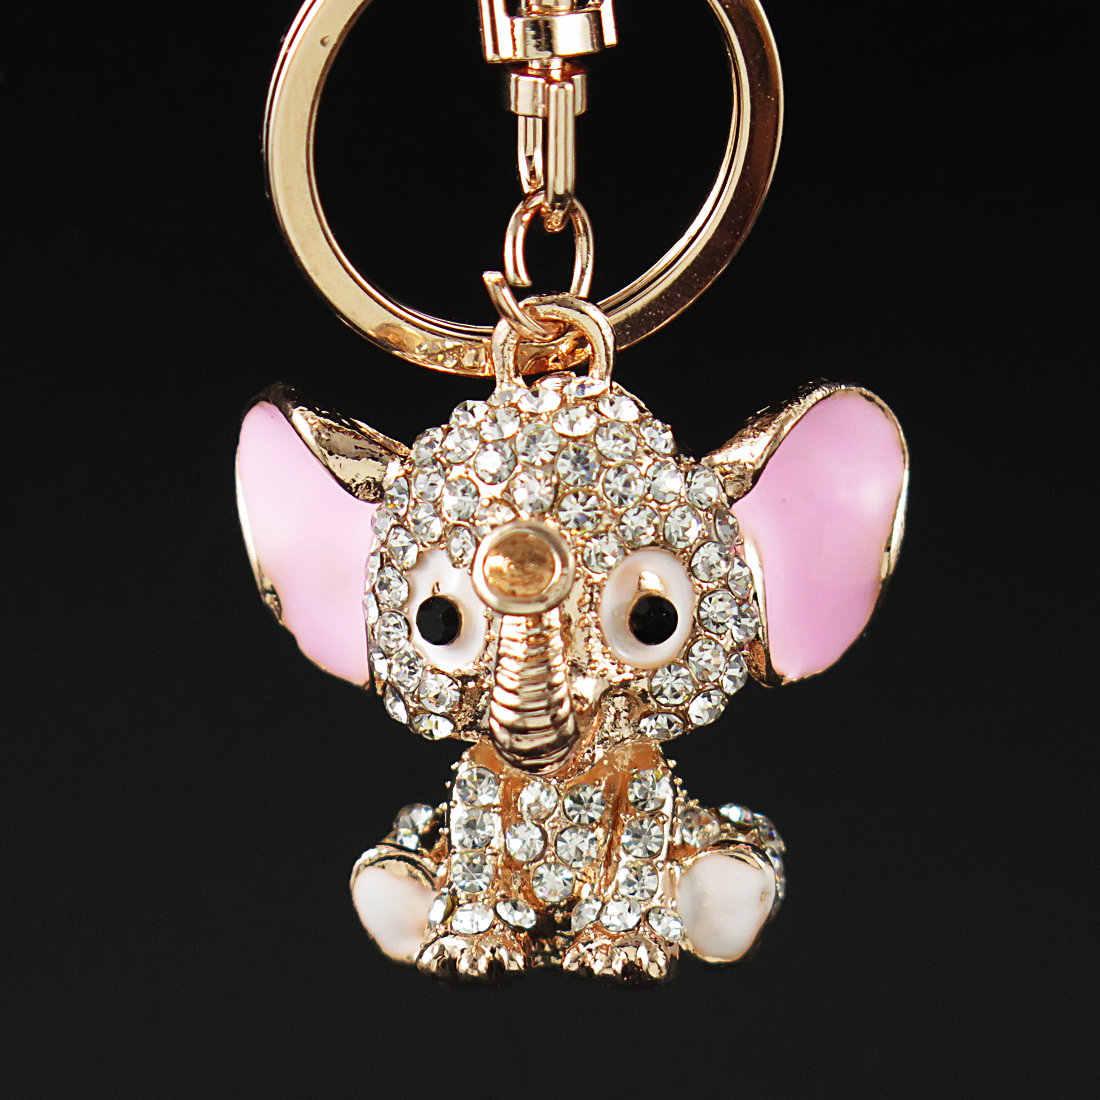 Брелок для ключей со стразами и слоником, сумка-кошелек с рисунком автомобиля, брелок с пряжкой и застежкой, подарки, розовый, белый корпус с кристаллами